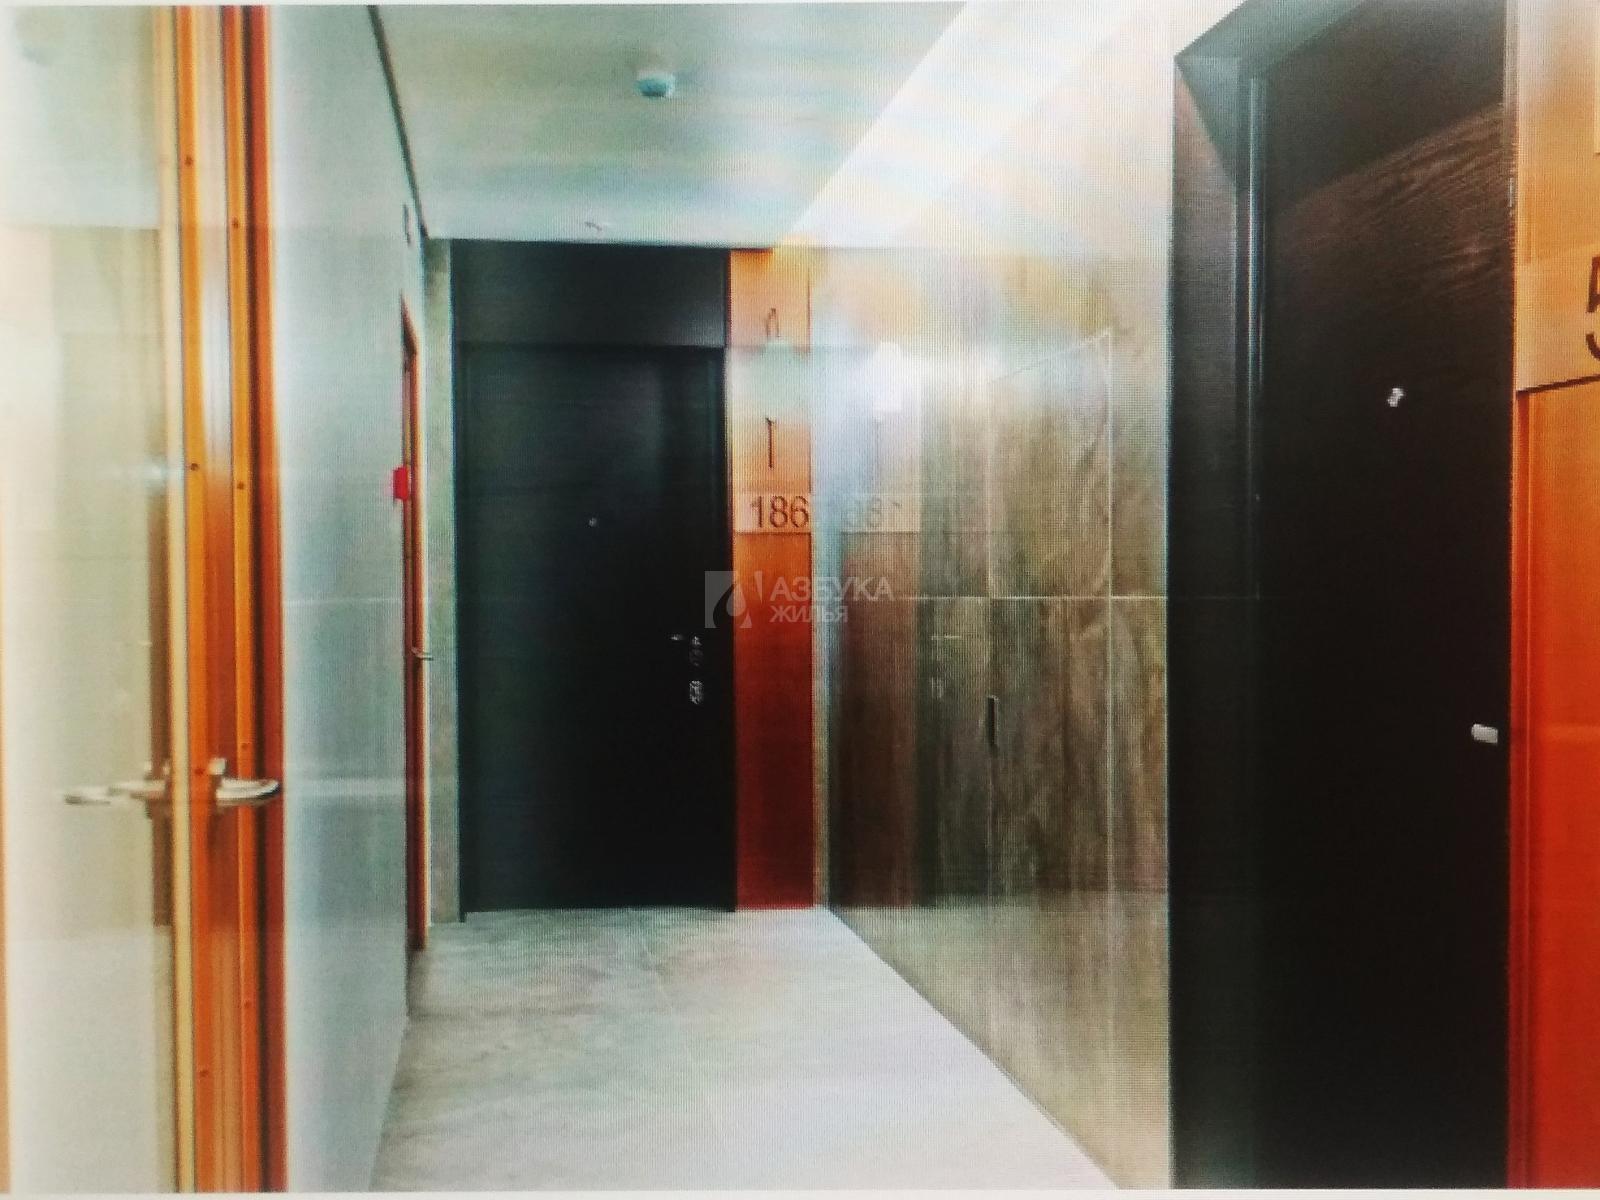 Фото №12 - 1-комнатная квартира, Москва, Силикатный 3-й проезд 4 корпус 1, метро Шелепиха